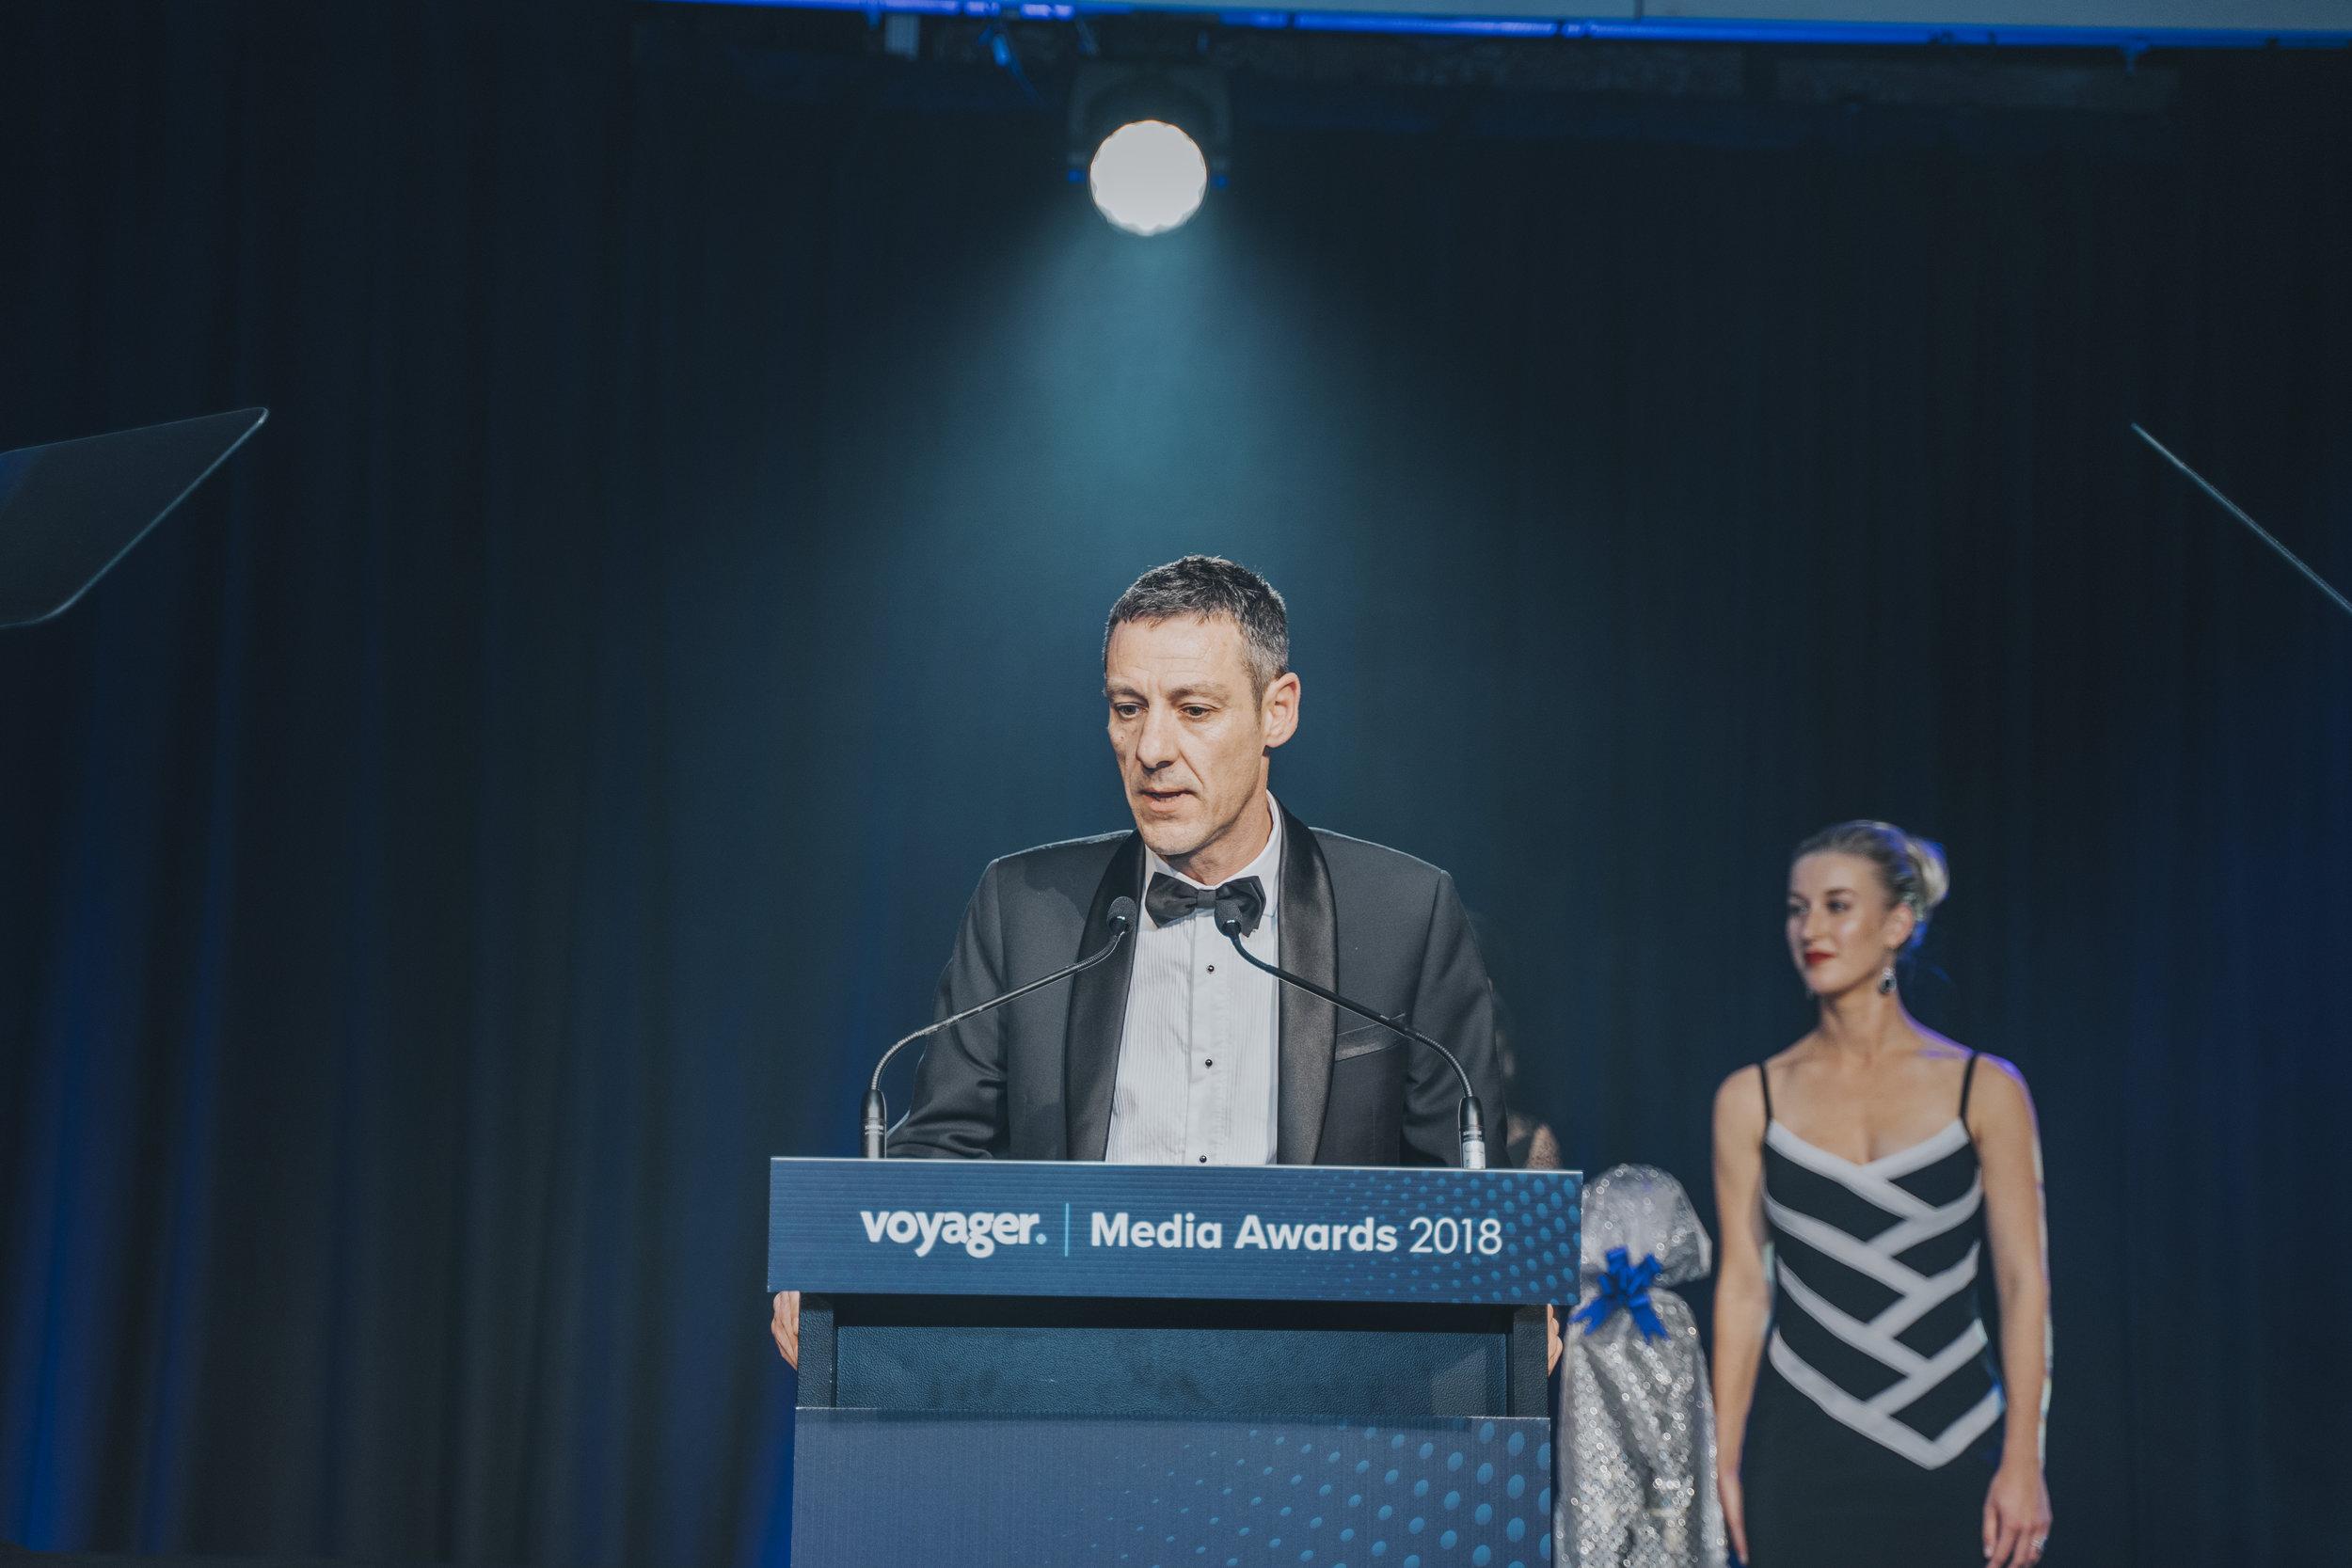 Voyager Media Awards 2018-427.JPG